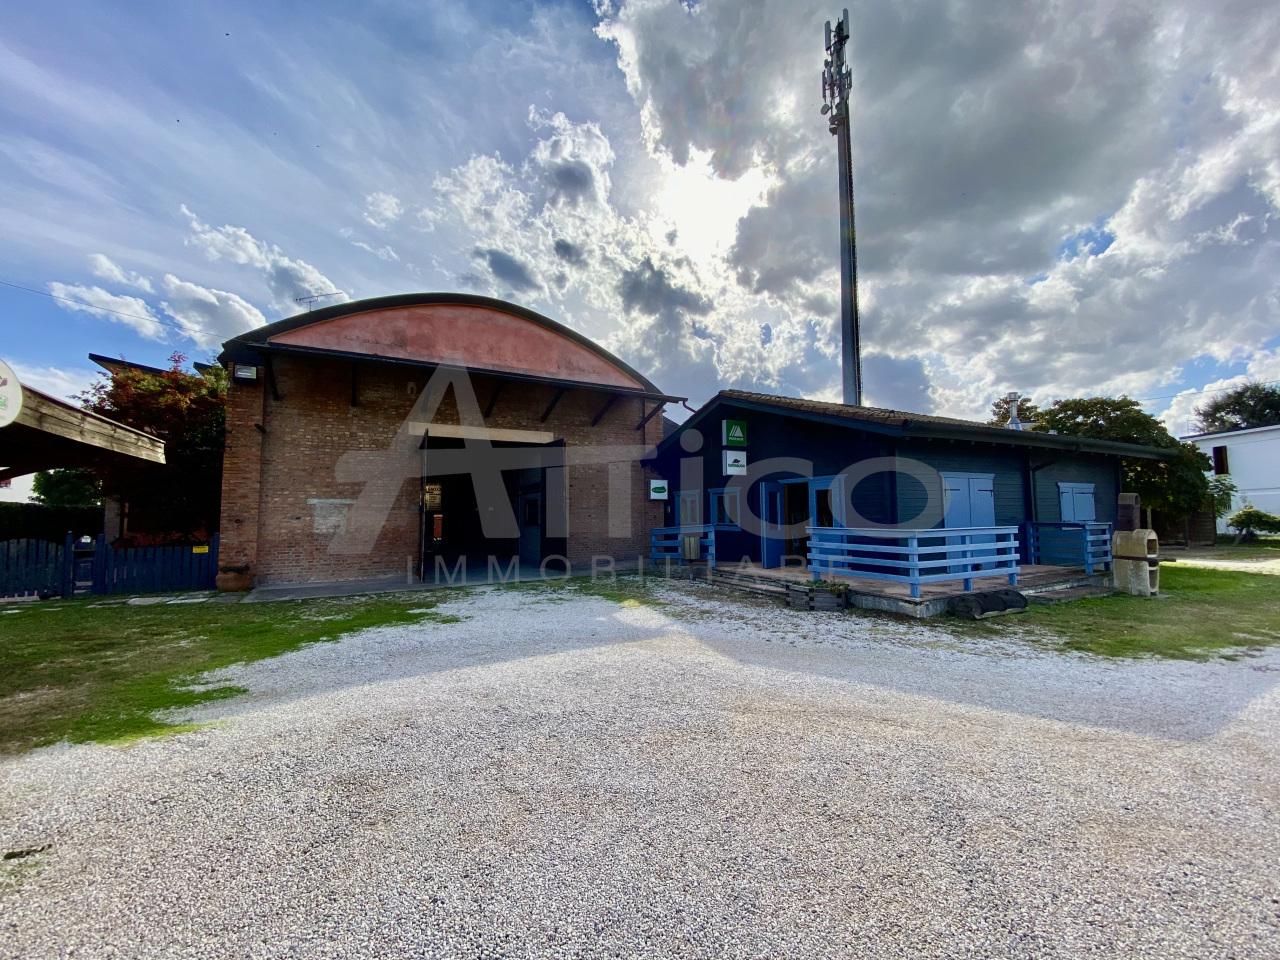 Capannone in vendita a Lendinara, 2 locali, Trattative riservate | CambioCasa.it